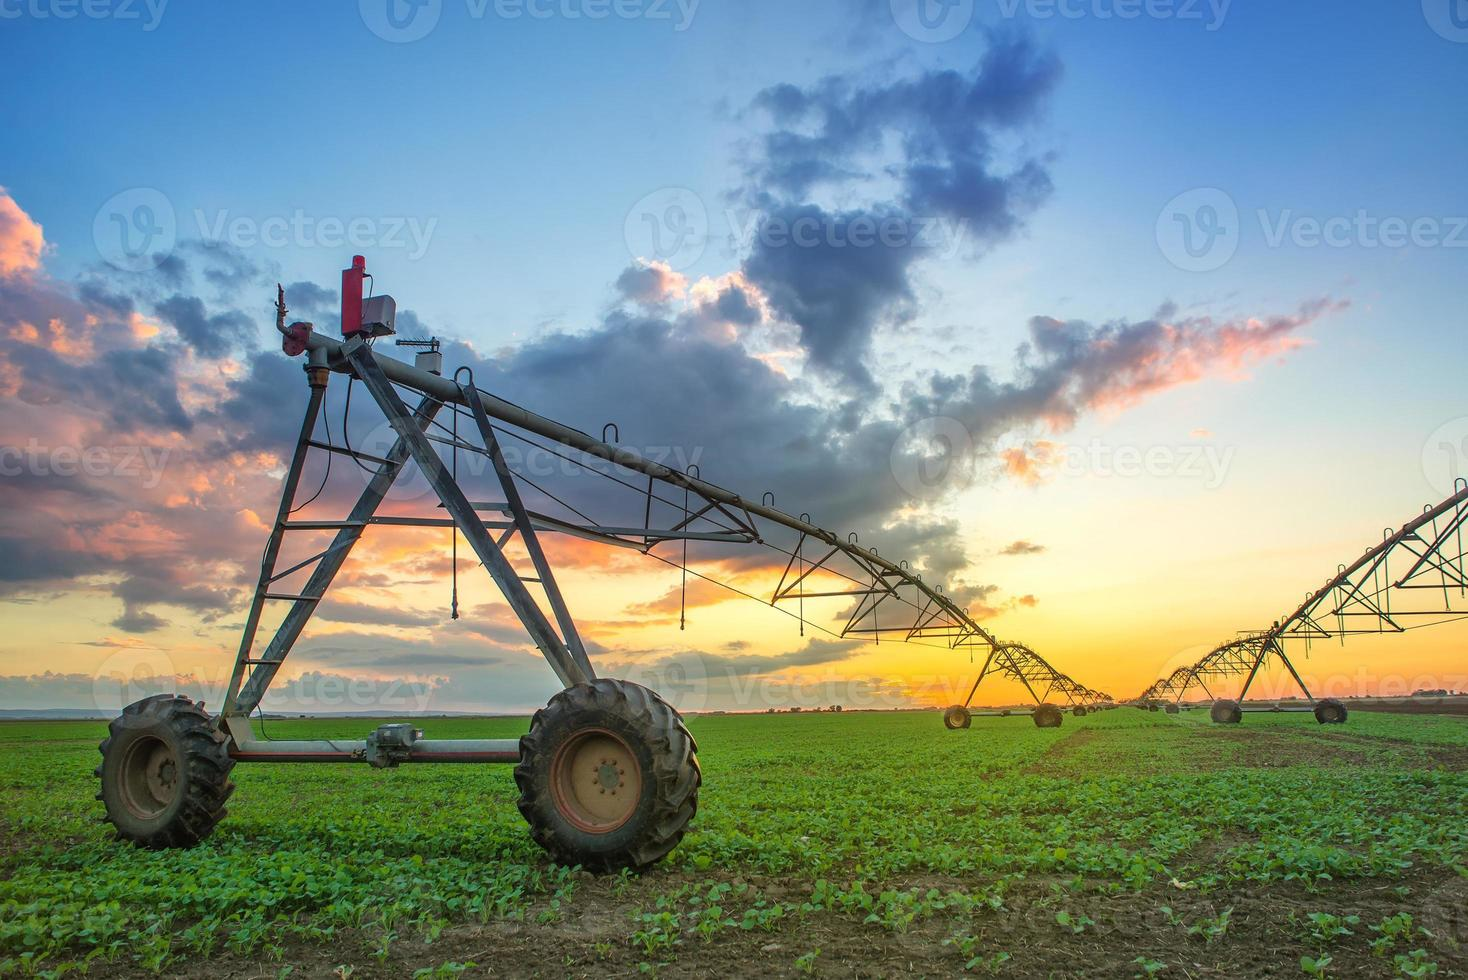 sistema automatizado de riego agrícola en sunset foto